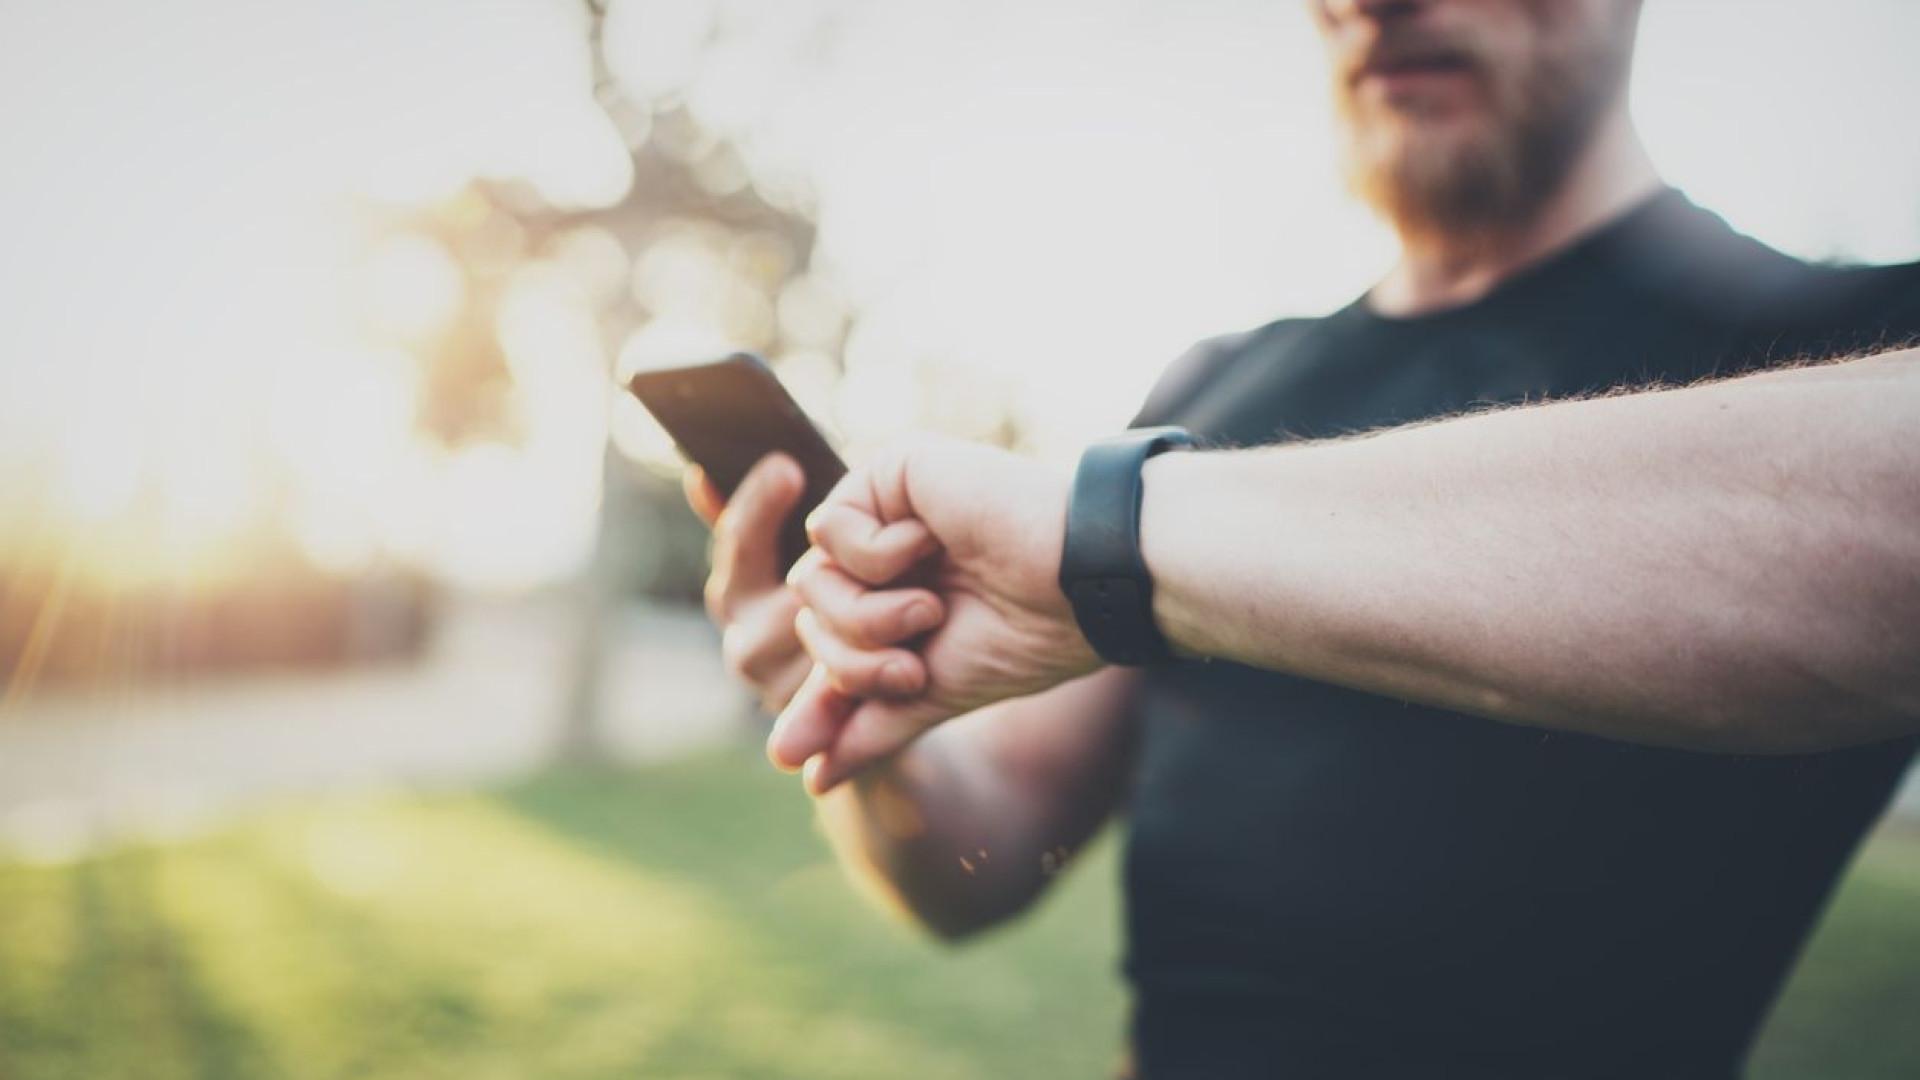 App de fitness revela a localização de espiões e militares